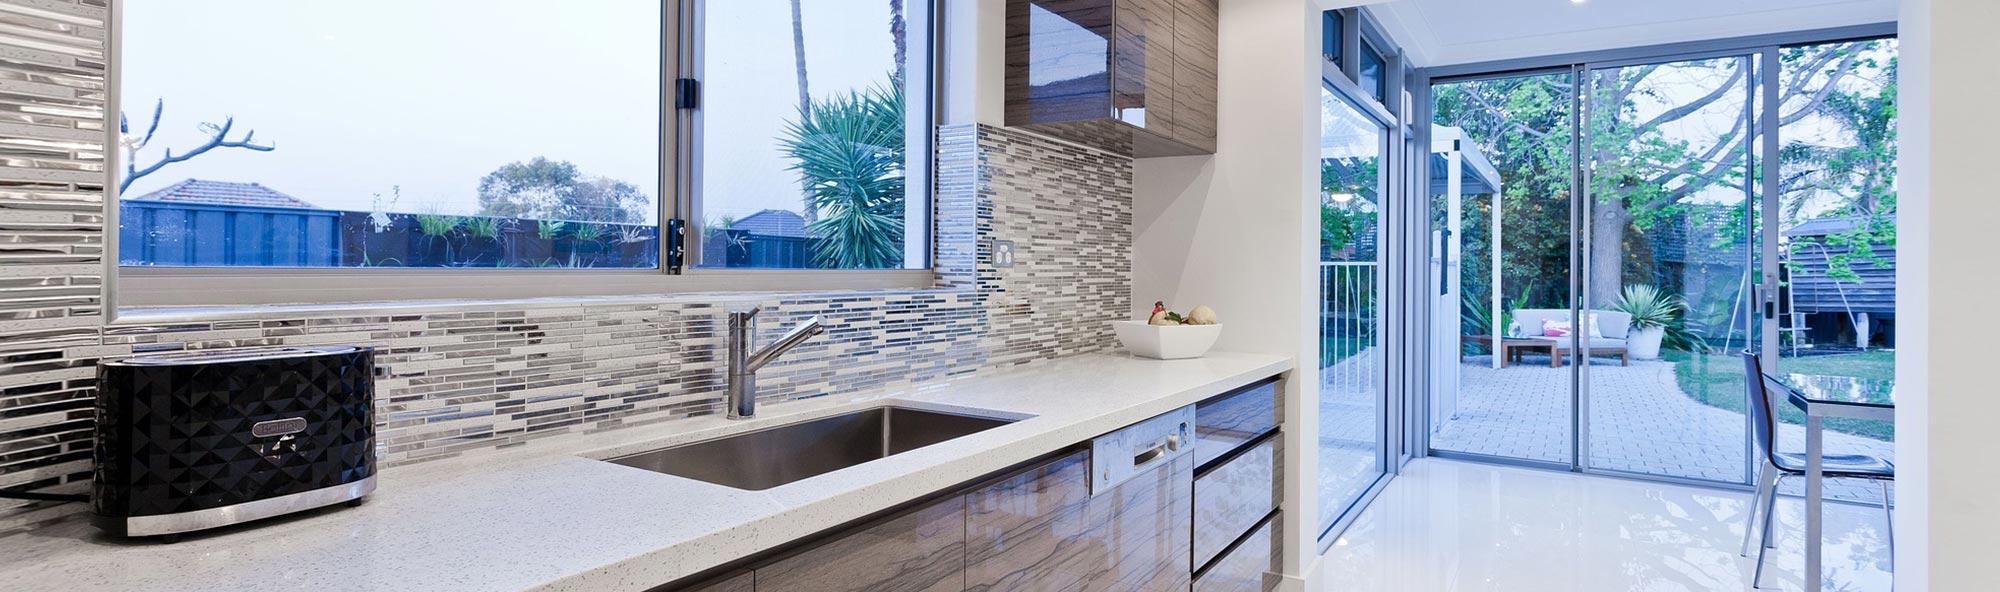 comtemporary-ktichen-auckland, Kitchen Renovation, Bathroom Renovation, House Renovation Auckland